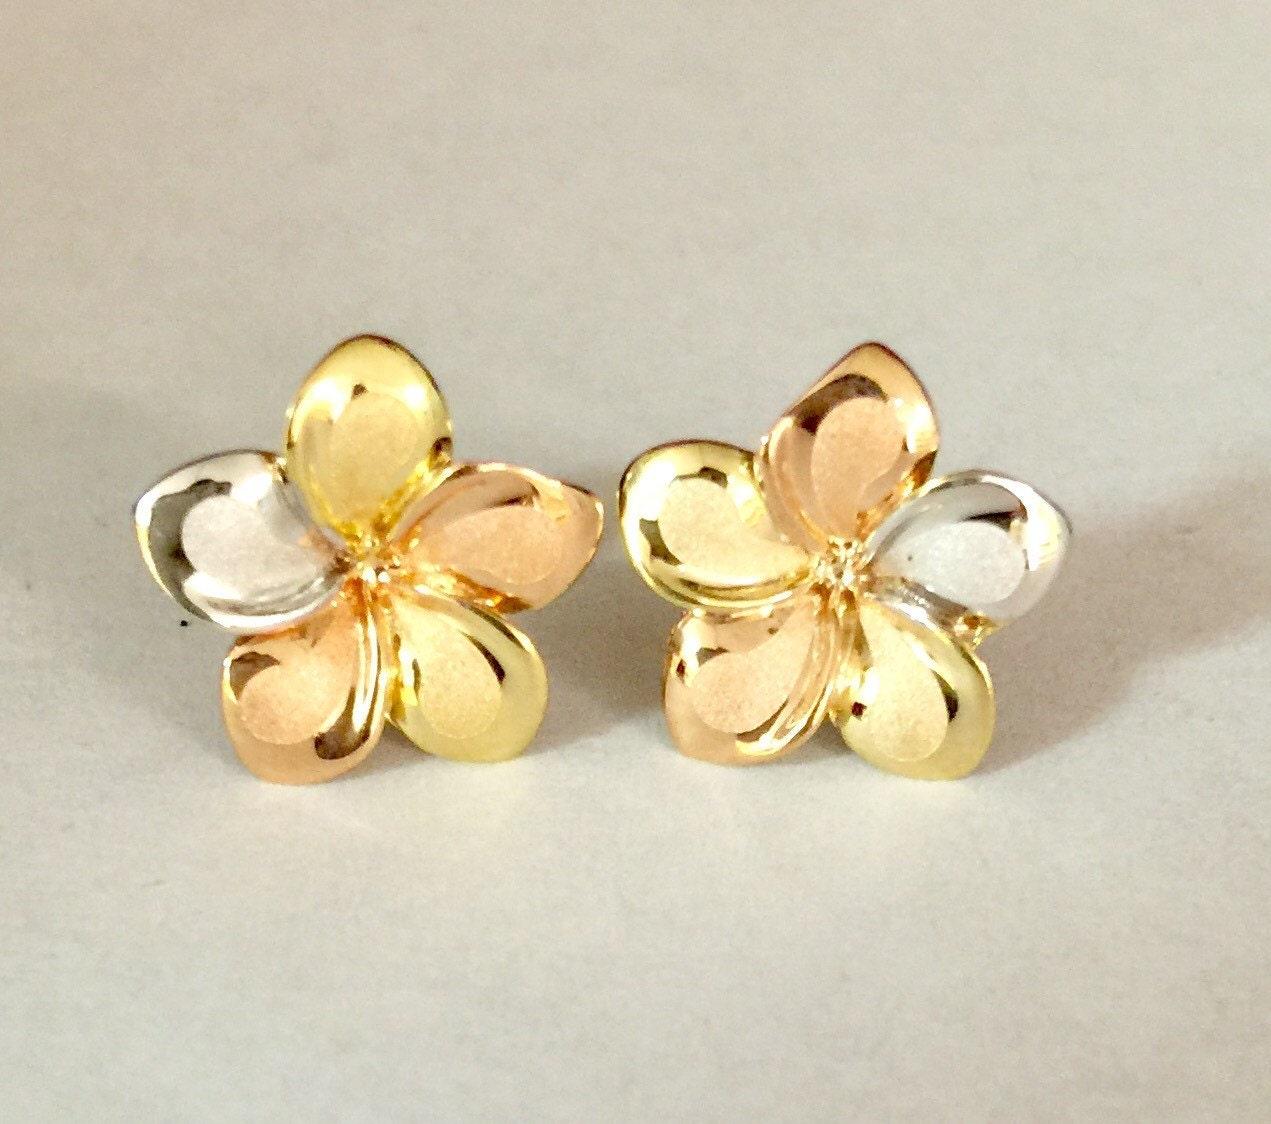 14k Tri Color Gold Flower Pendant Charm